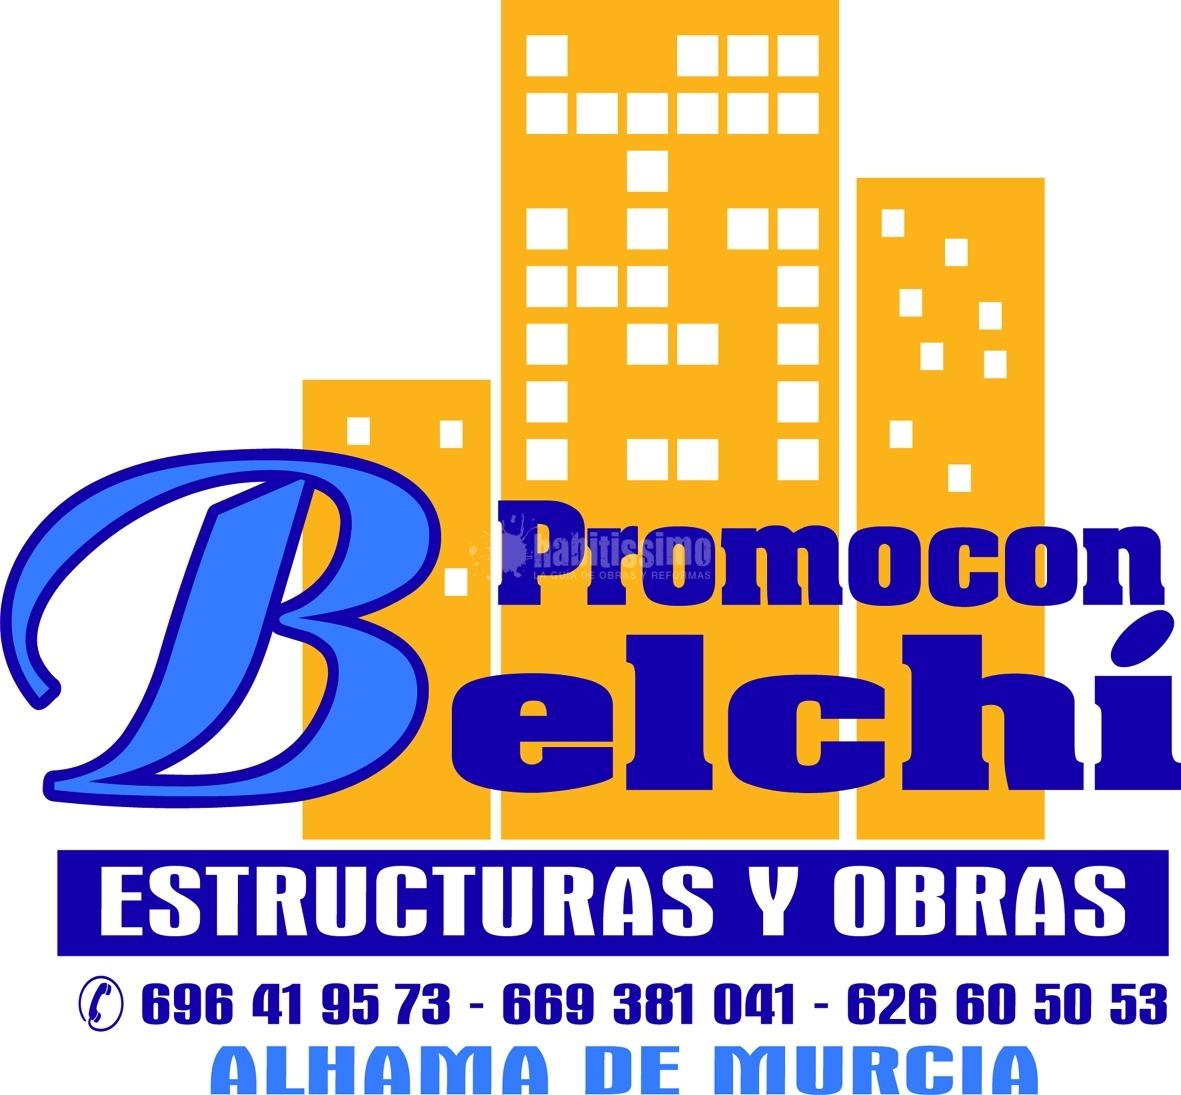 Promocon Belchi, S.L.L.